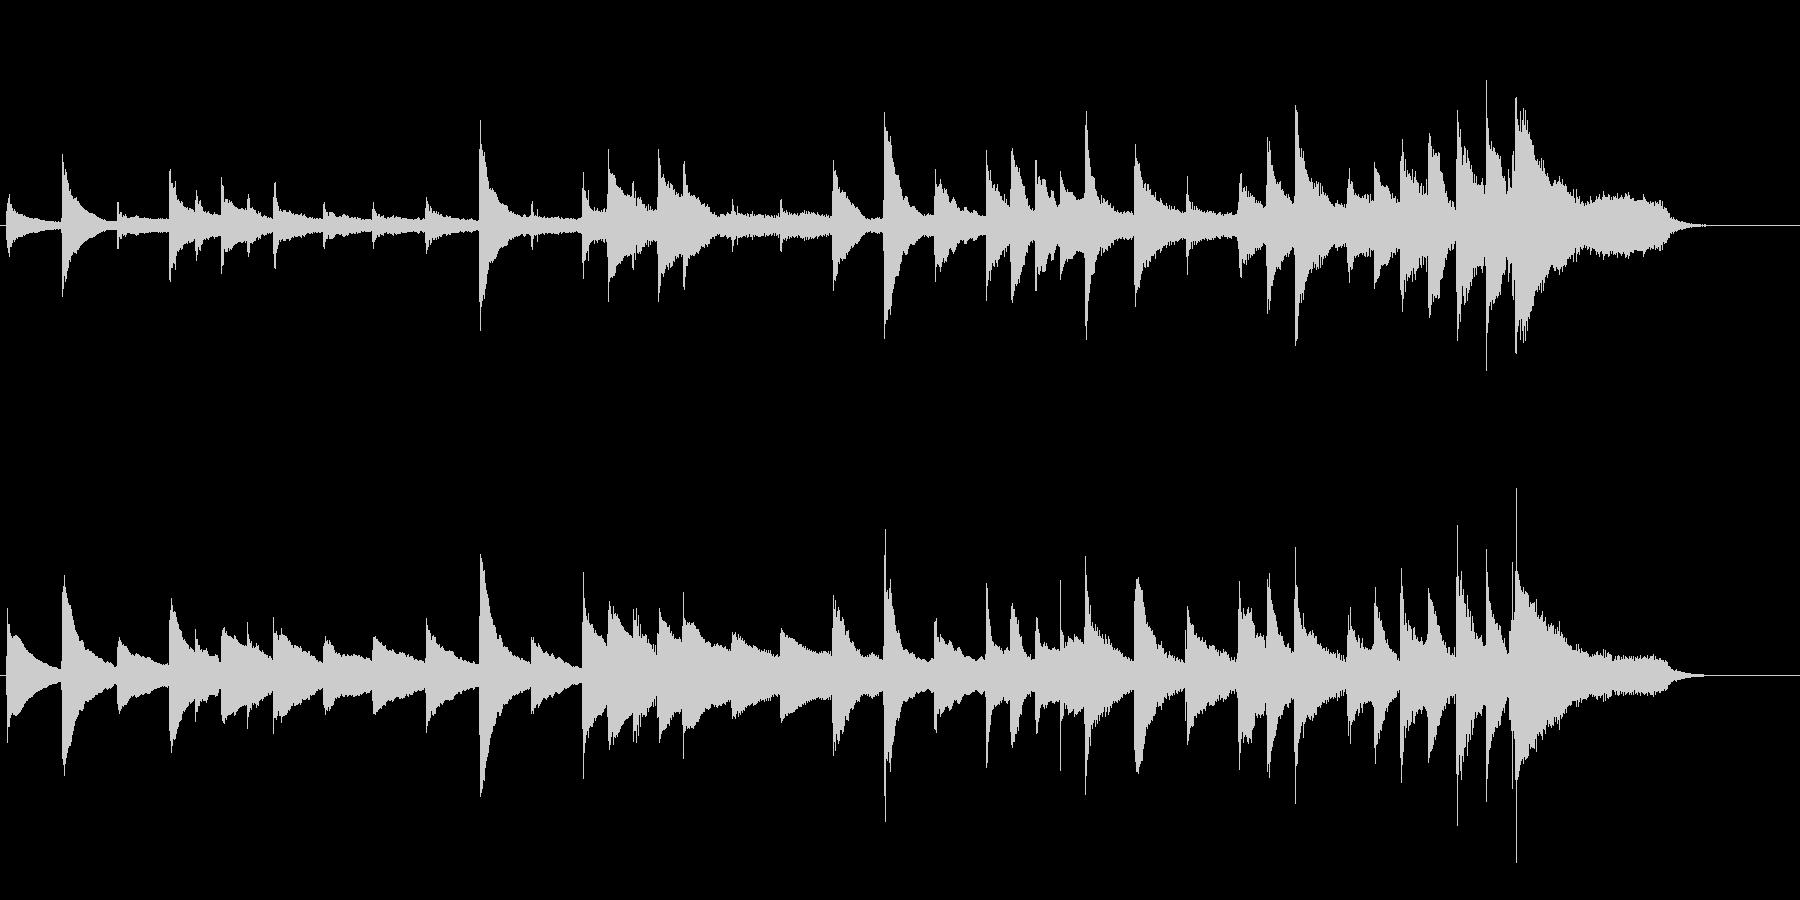 あたたかなピアノソロのバラードの未再生の波形